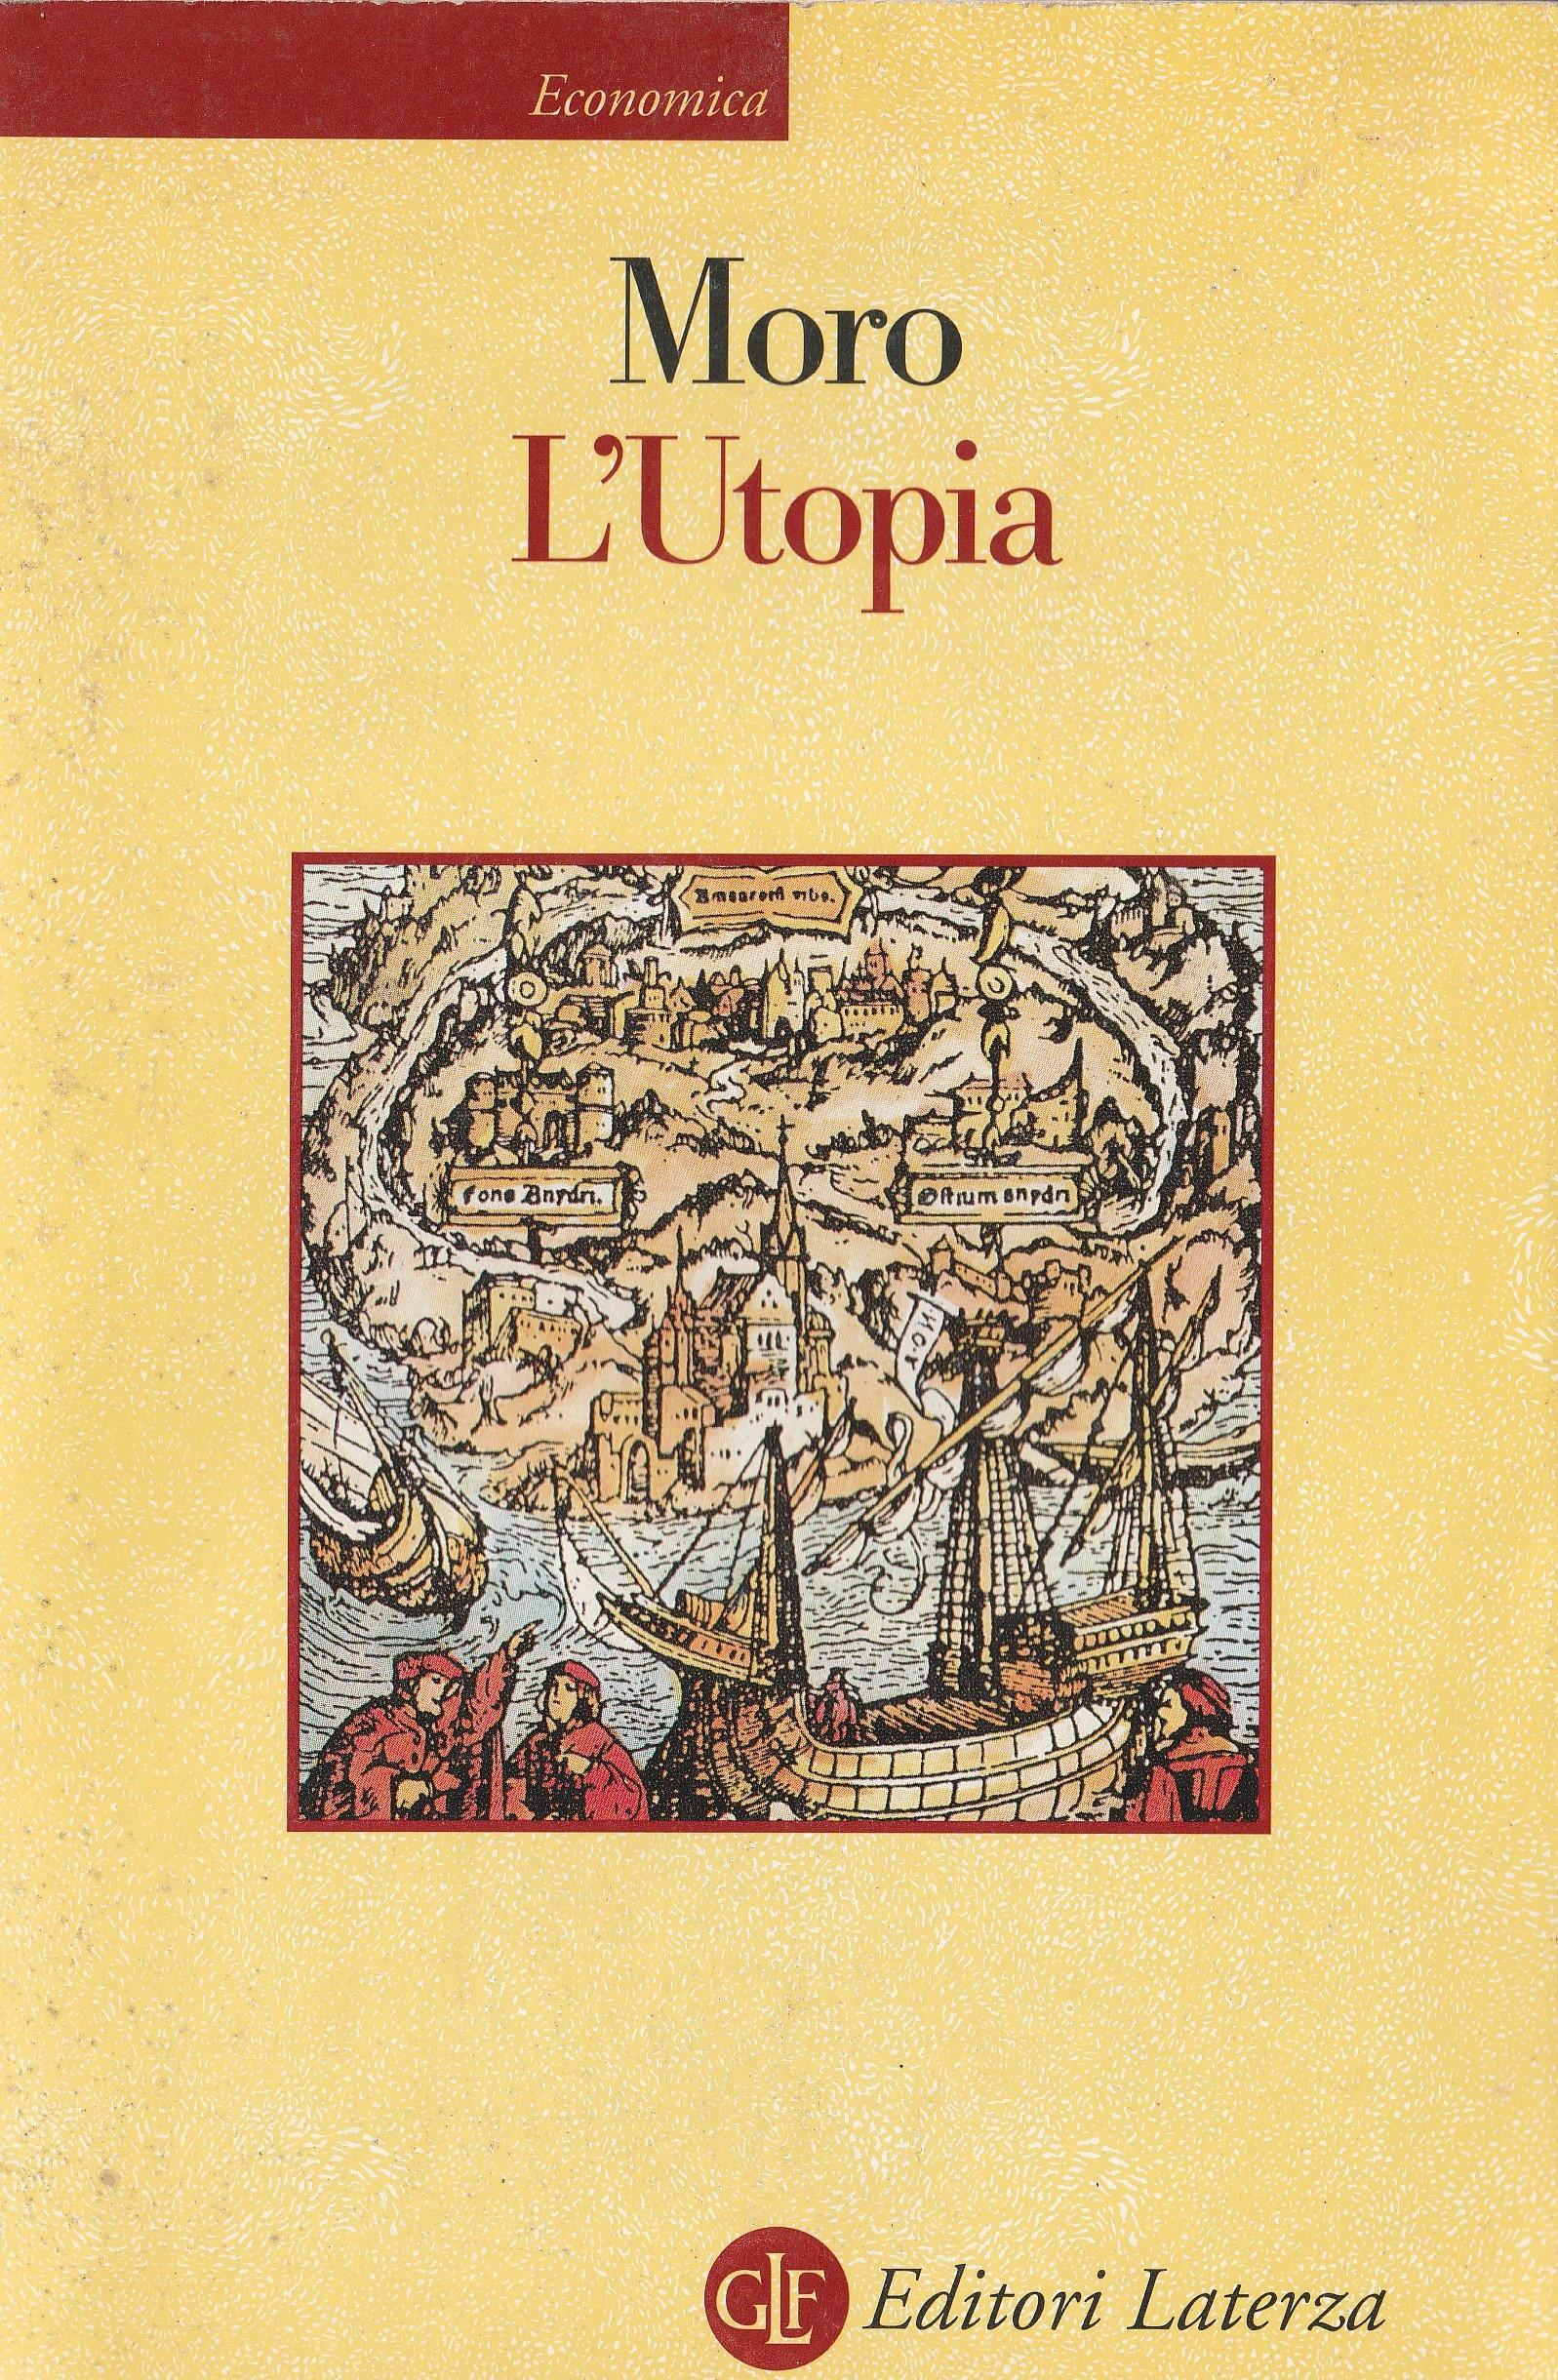 Tommaso Moro: L'UTOPIA o la miglior forma di repubblica. – Biblioteca Teresa Gullace